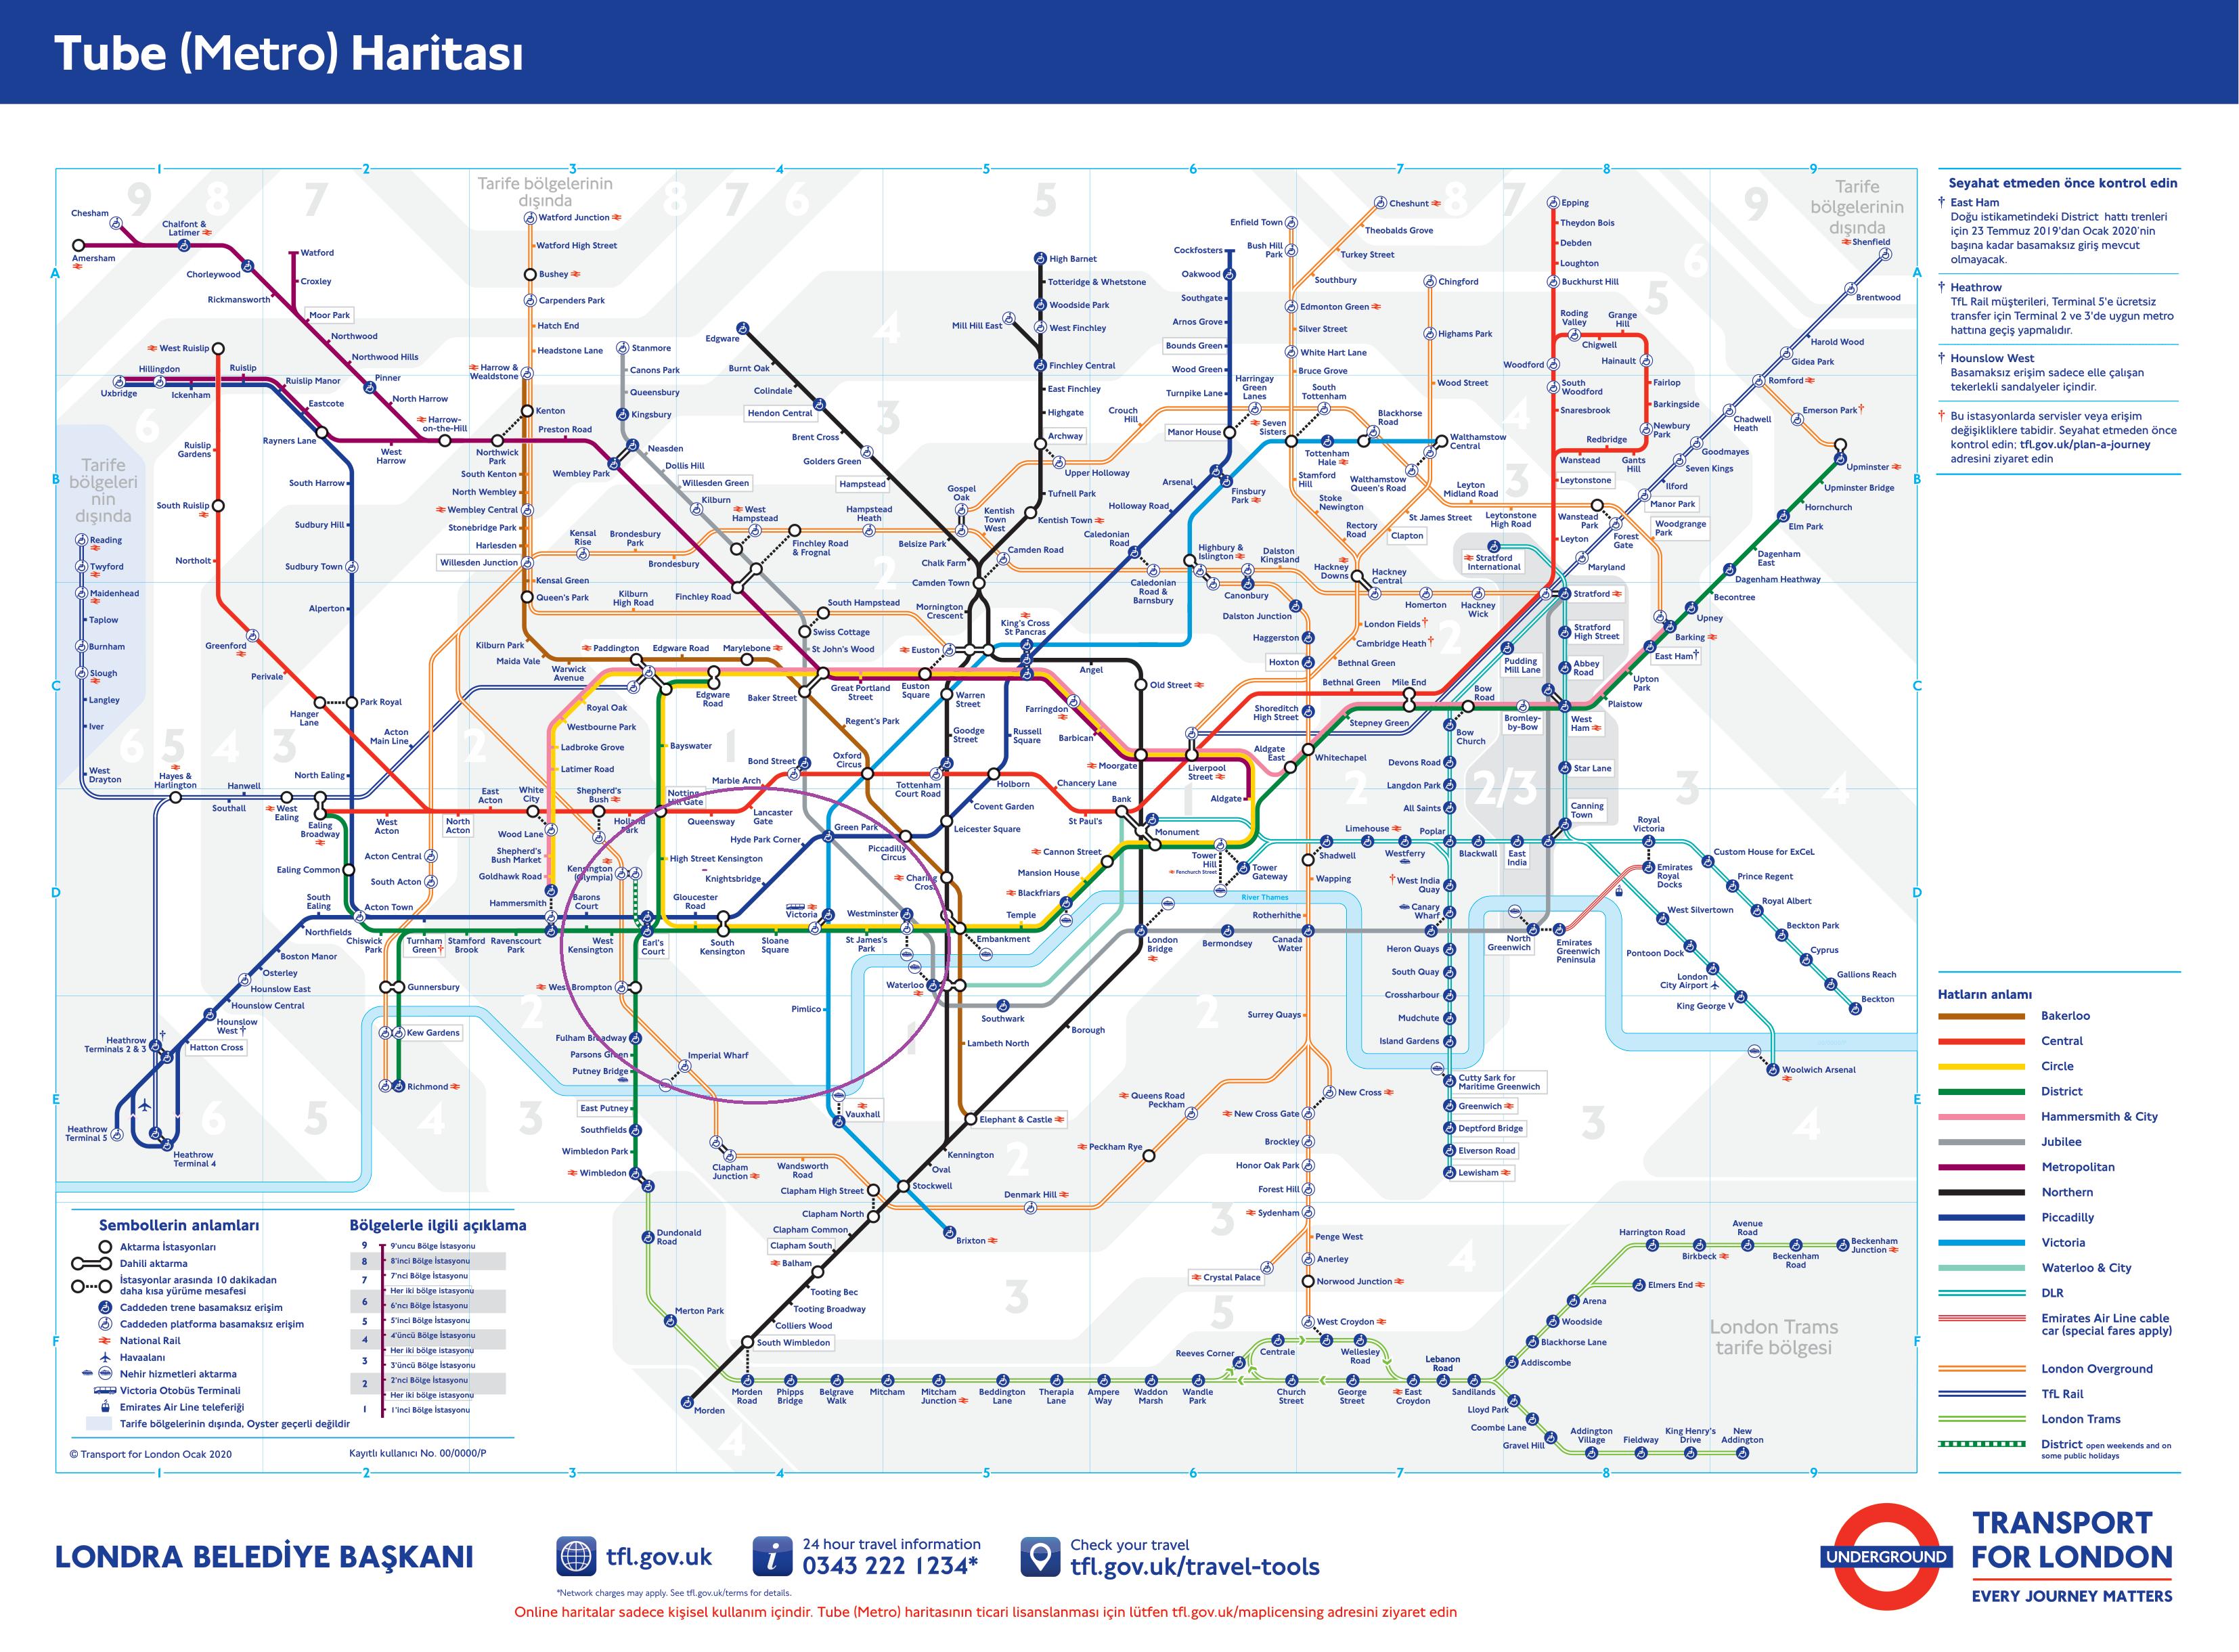 South Kensingtonmap